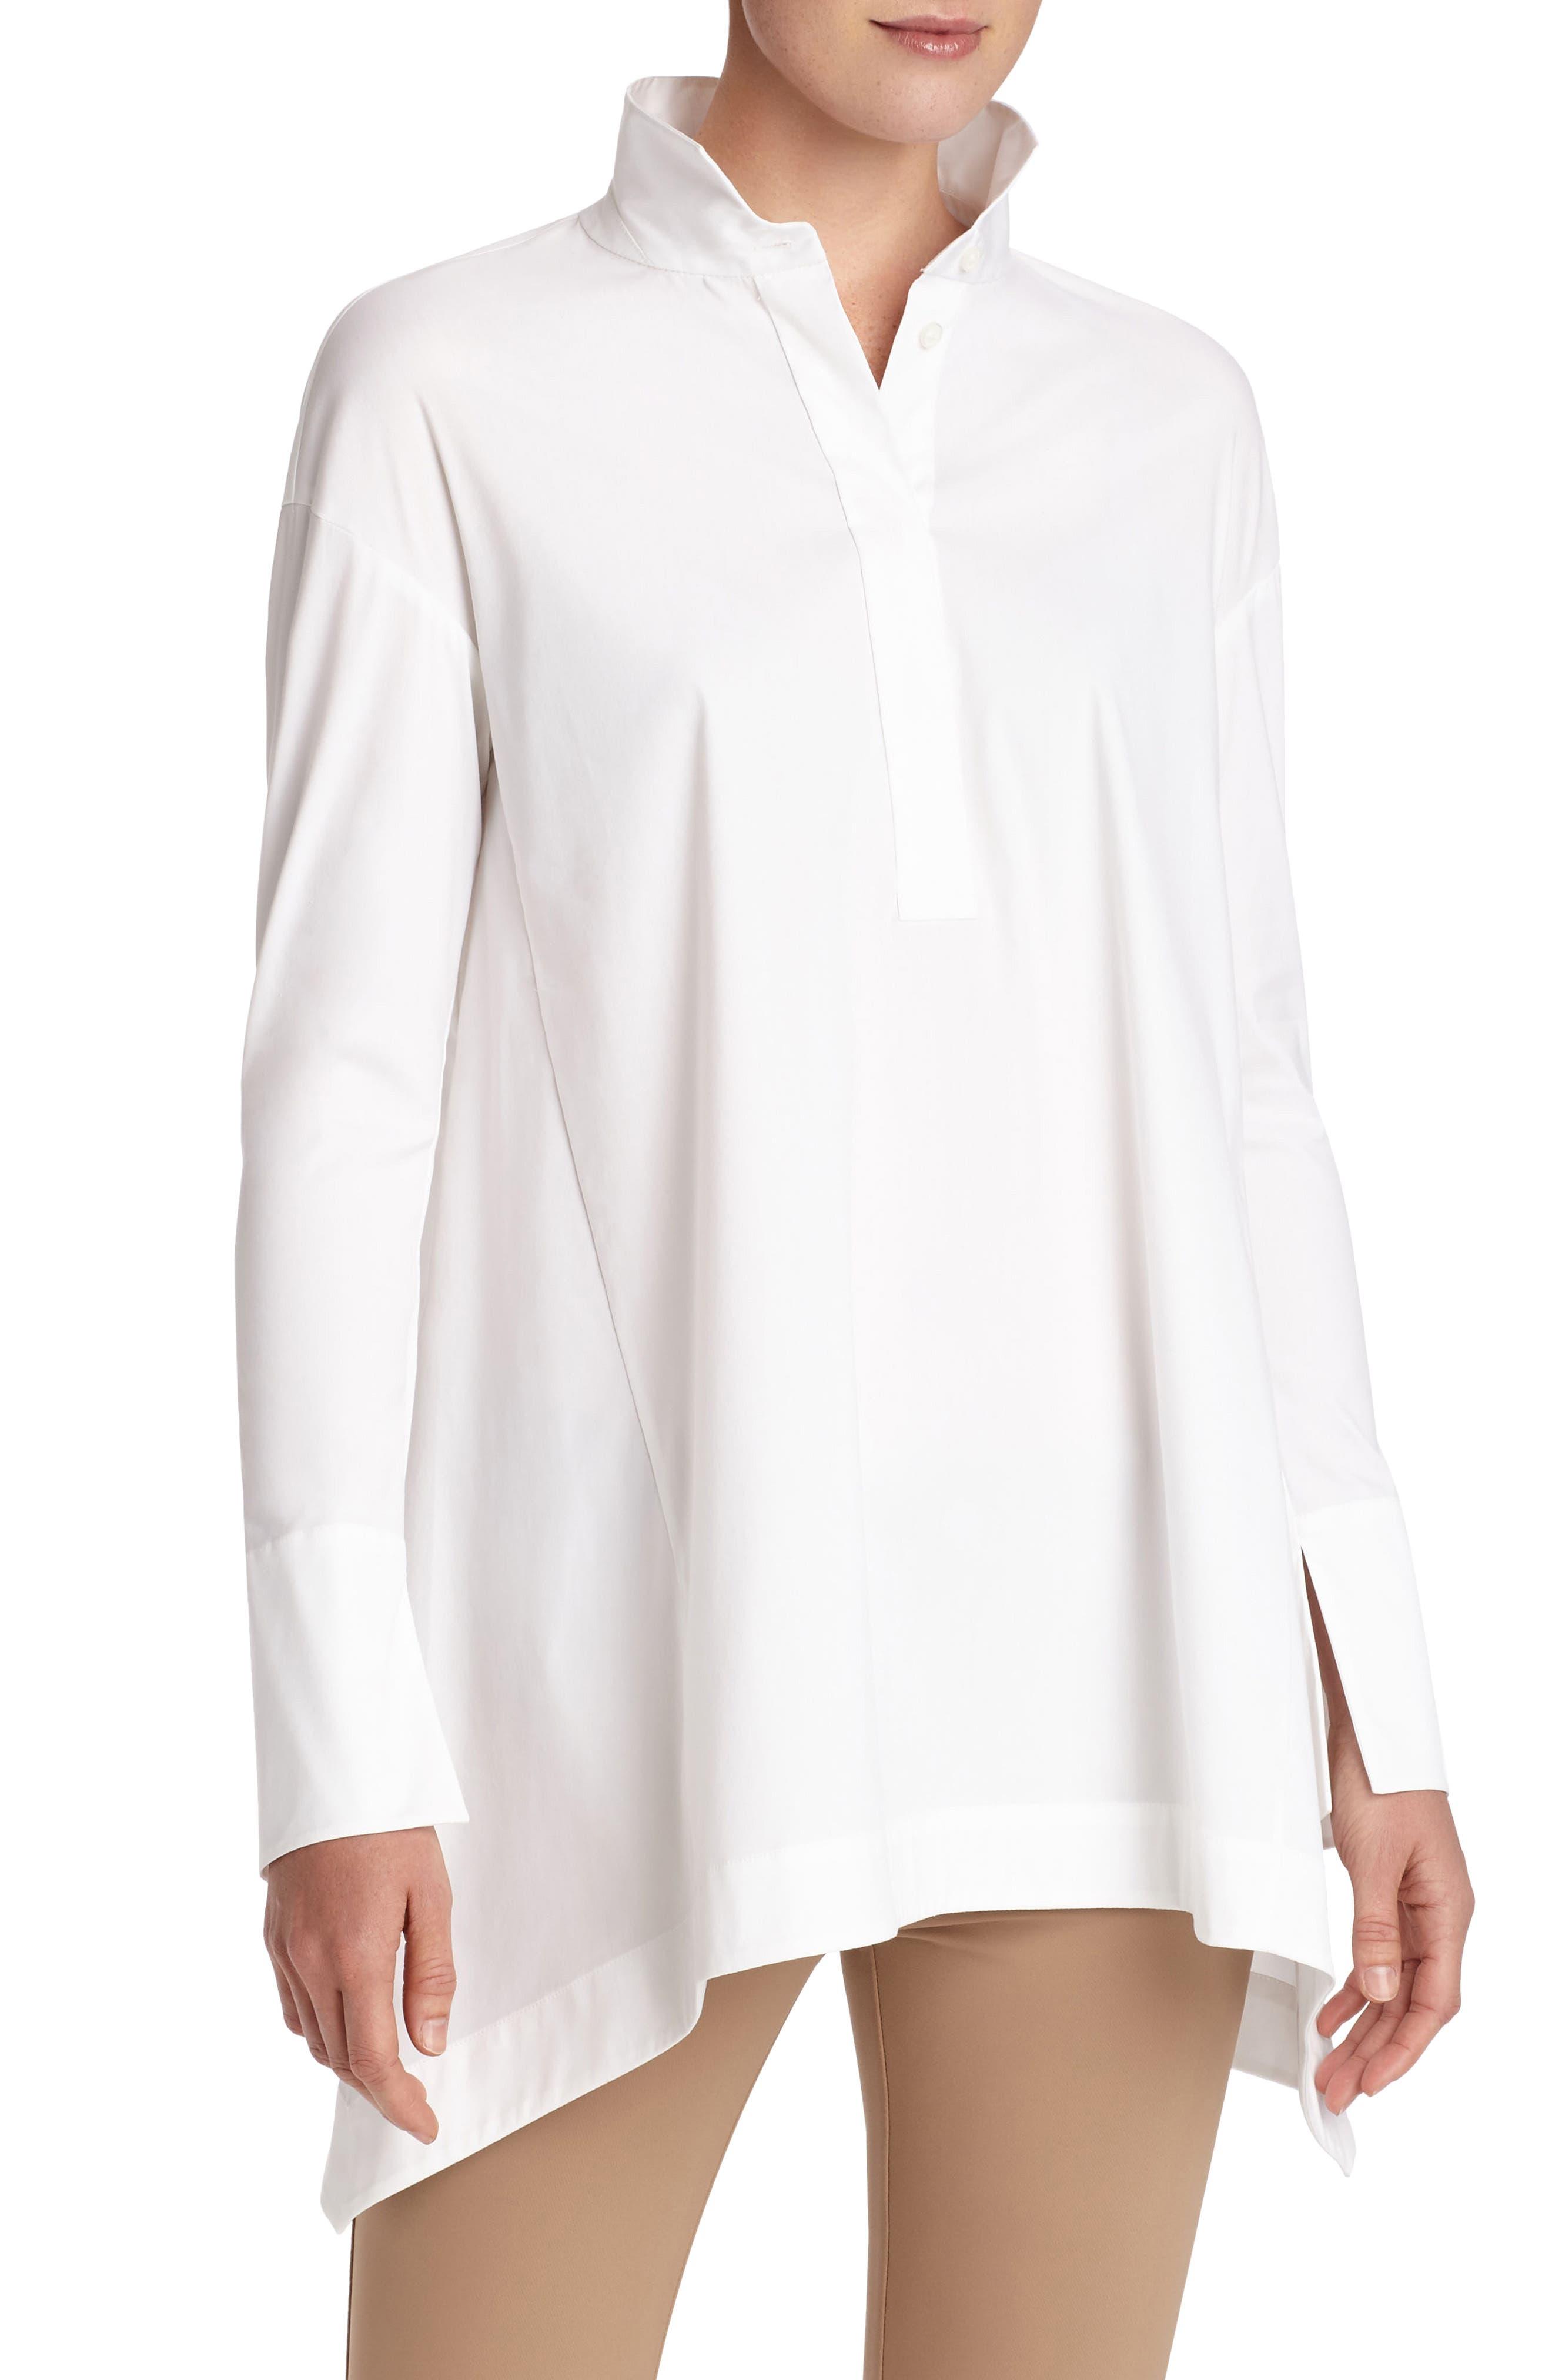 Valen Stretch Cotton Blouse,                         Main,                         color, White